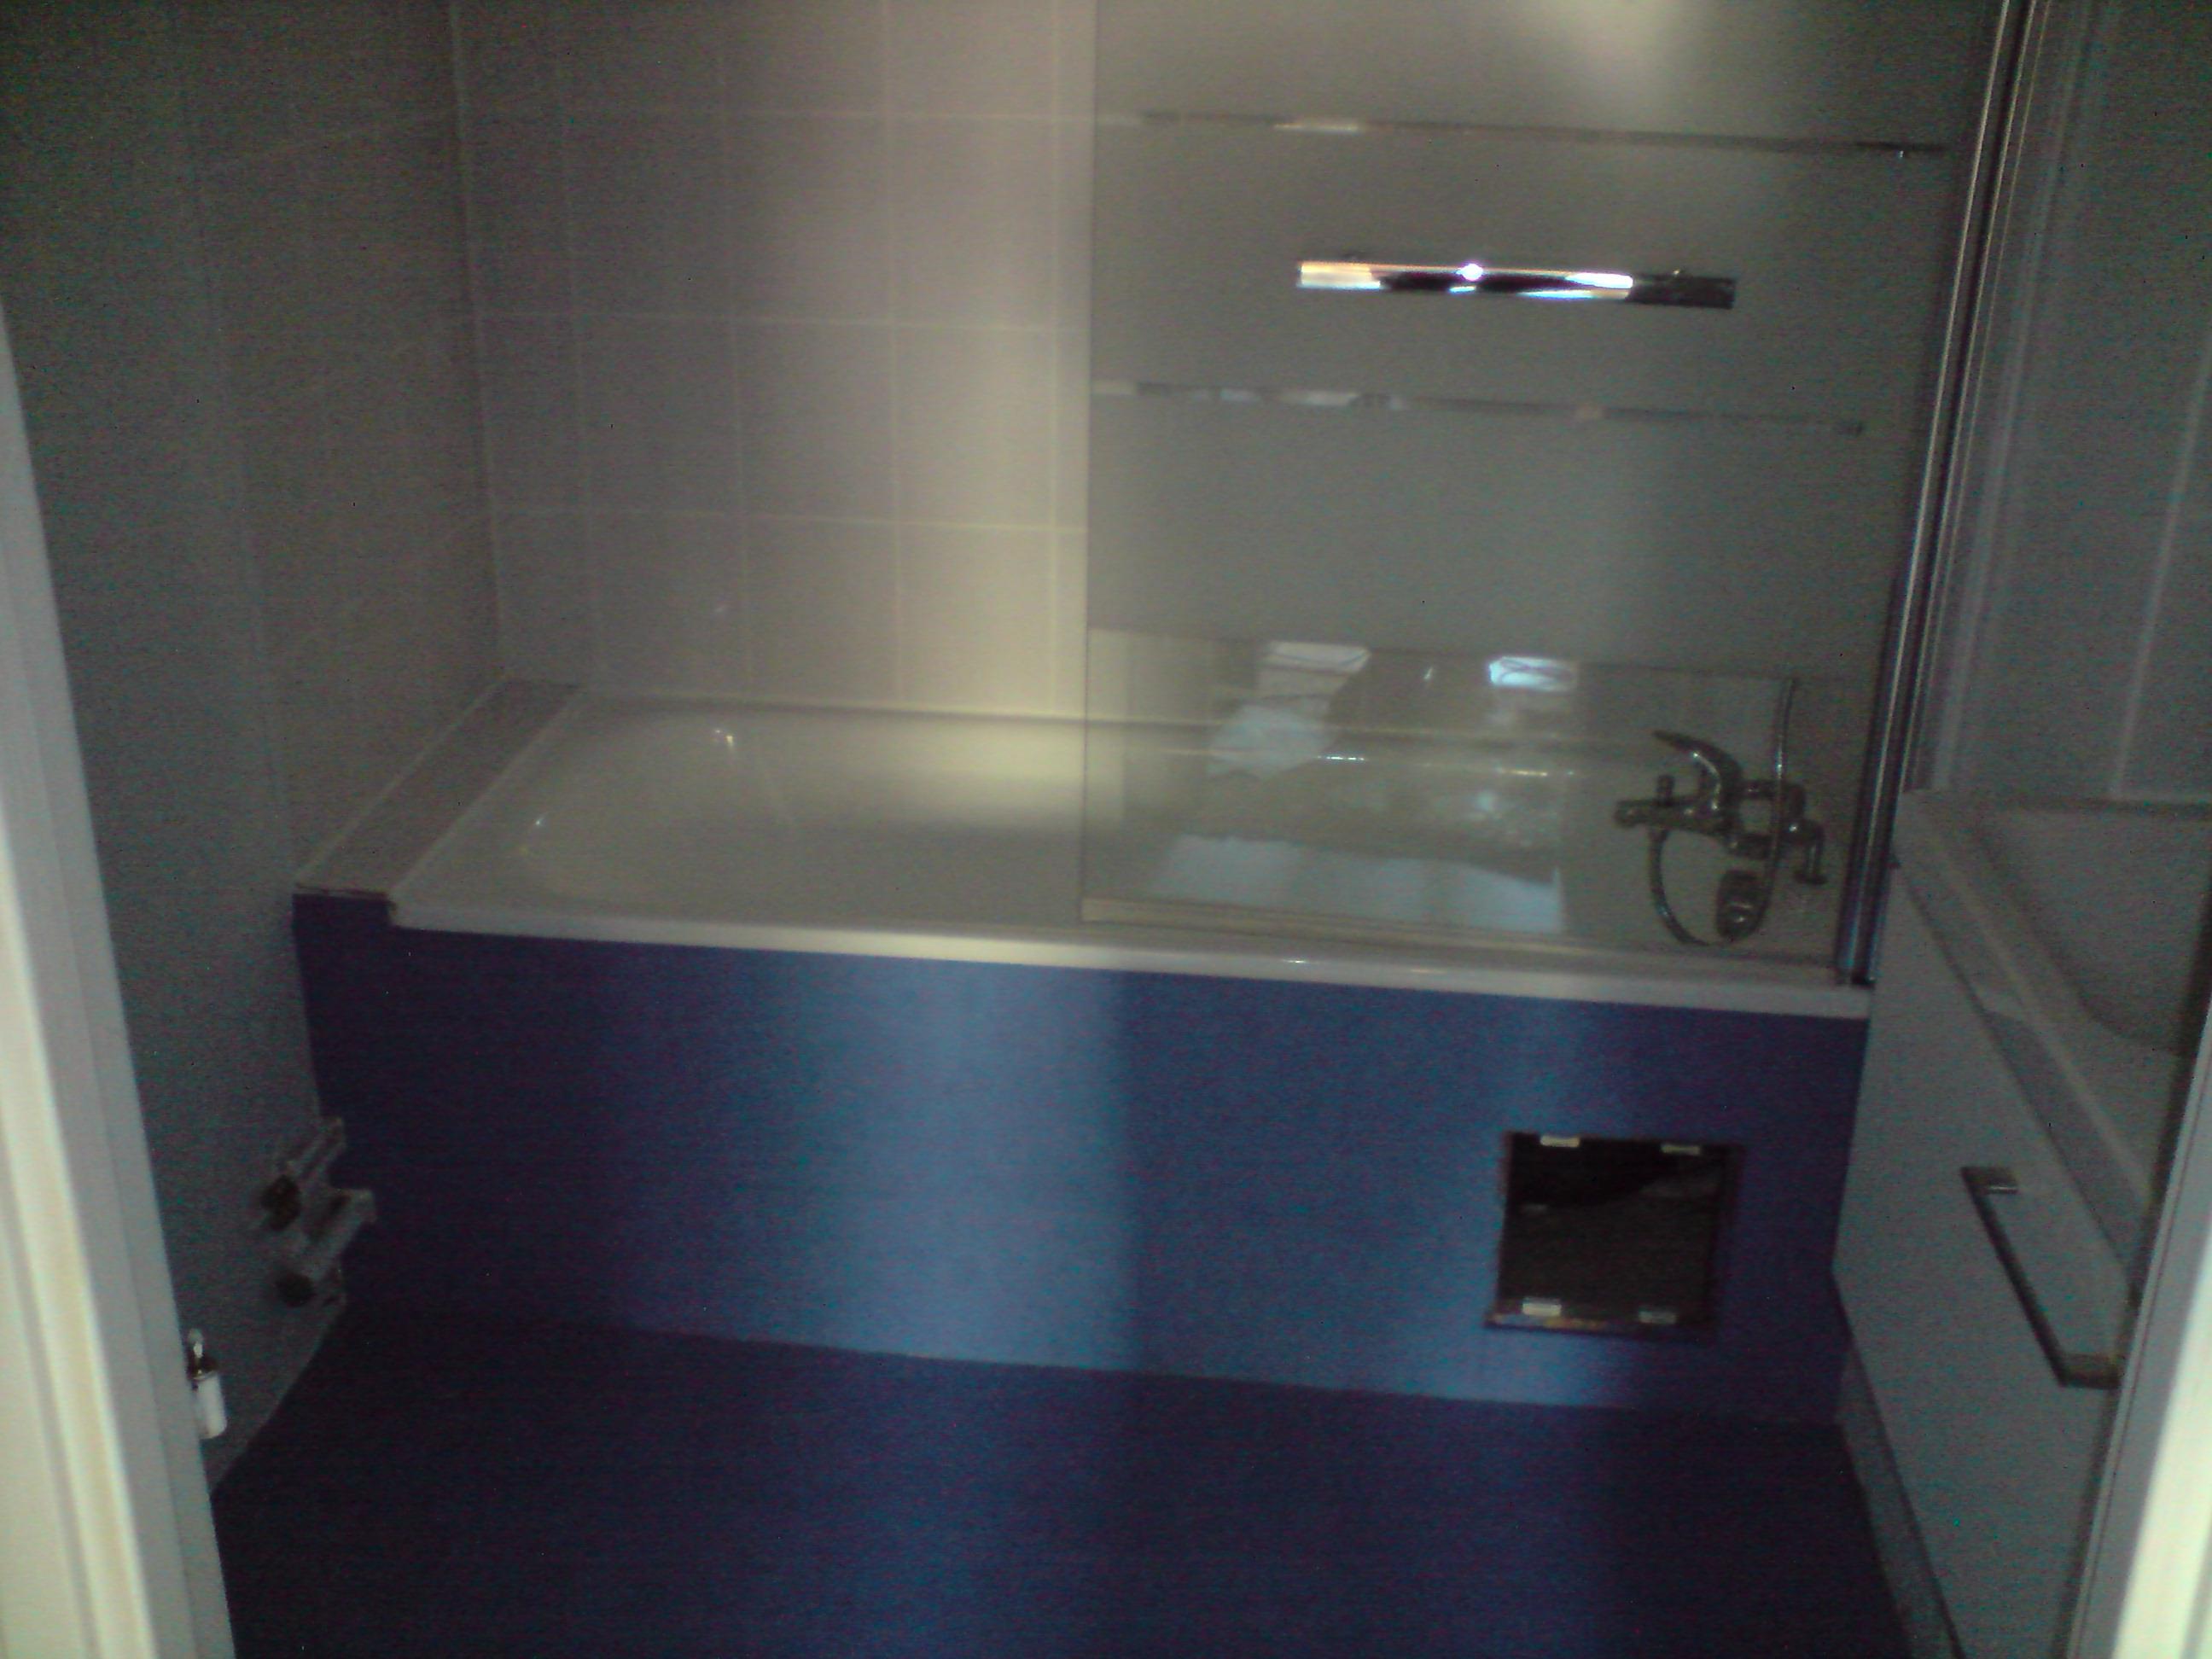 R novation d un appartement la salle de bain - Tablier de baignoire a carreler ...